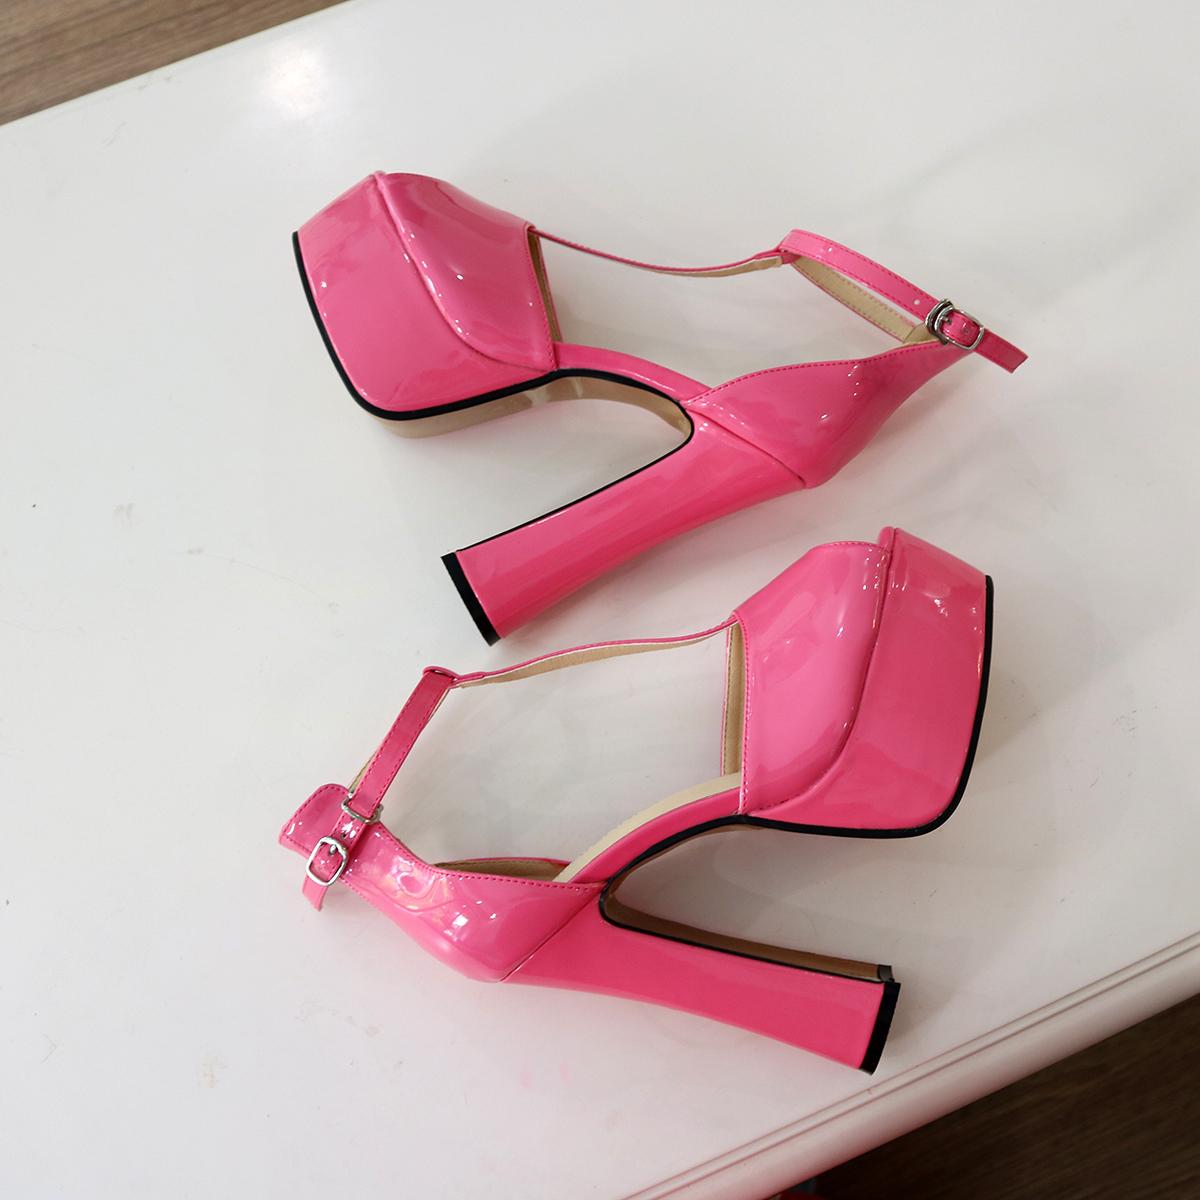 粉红色鱼嘴鞋 粉红色漆皮粗跟 超高跟鱼嘴单鞋 一字扣带欧美大码男女同款15公分_推荐淘宝好看的粉红色鱼嘴鞋